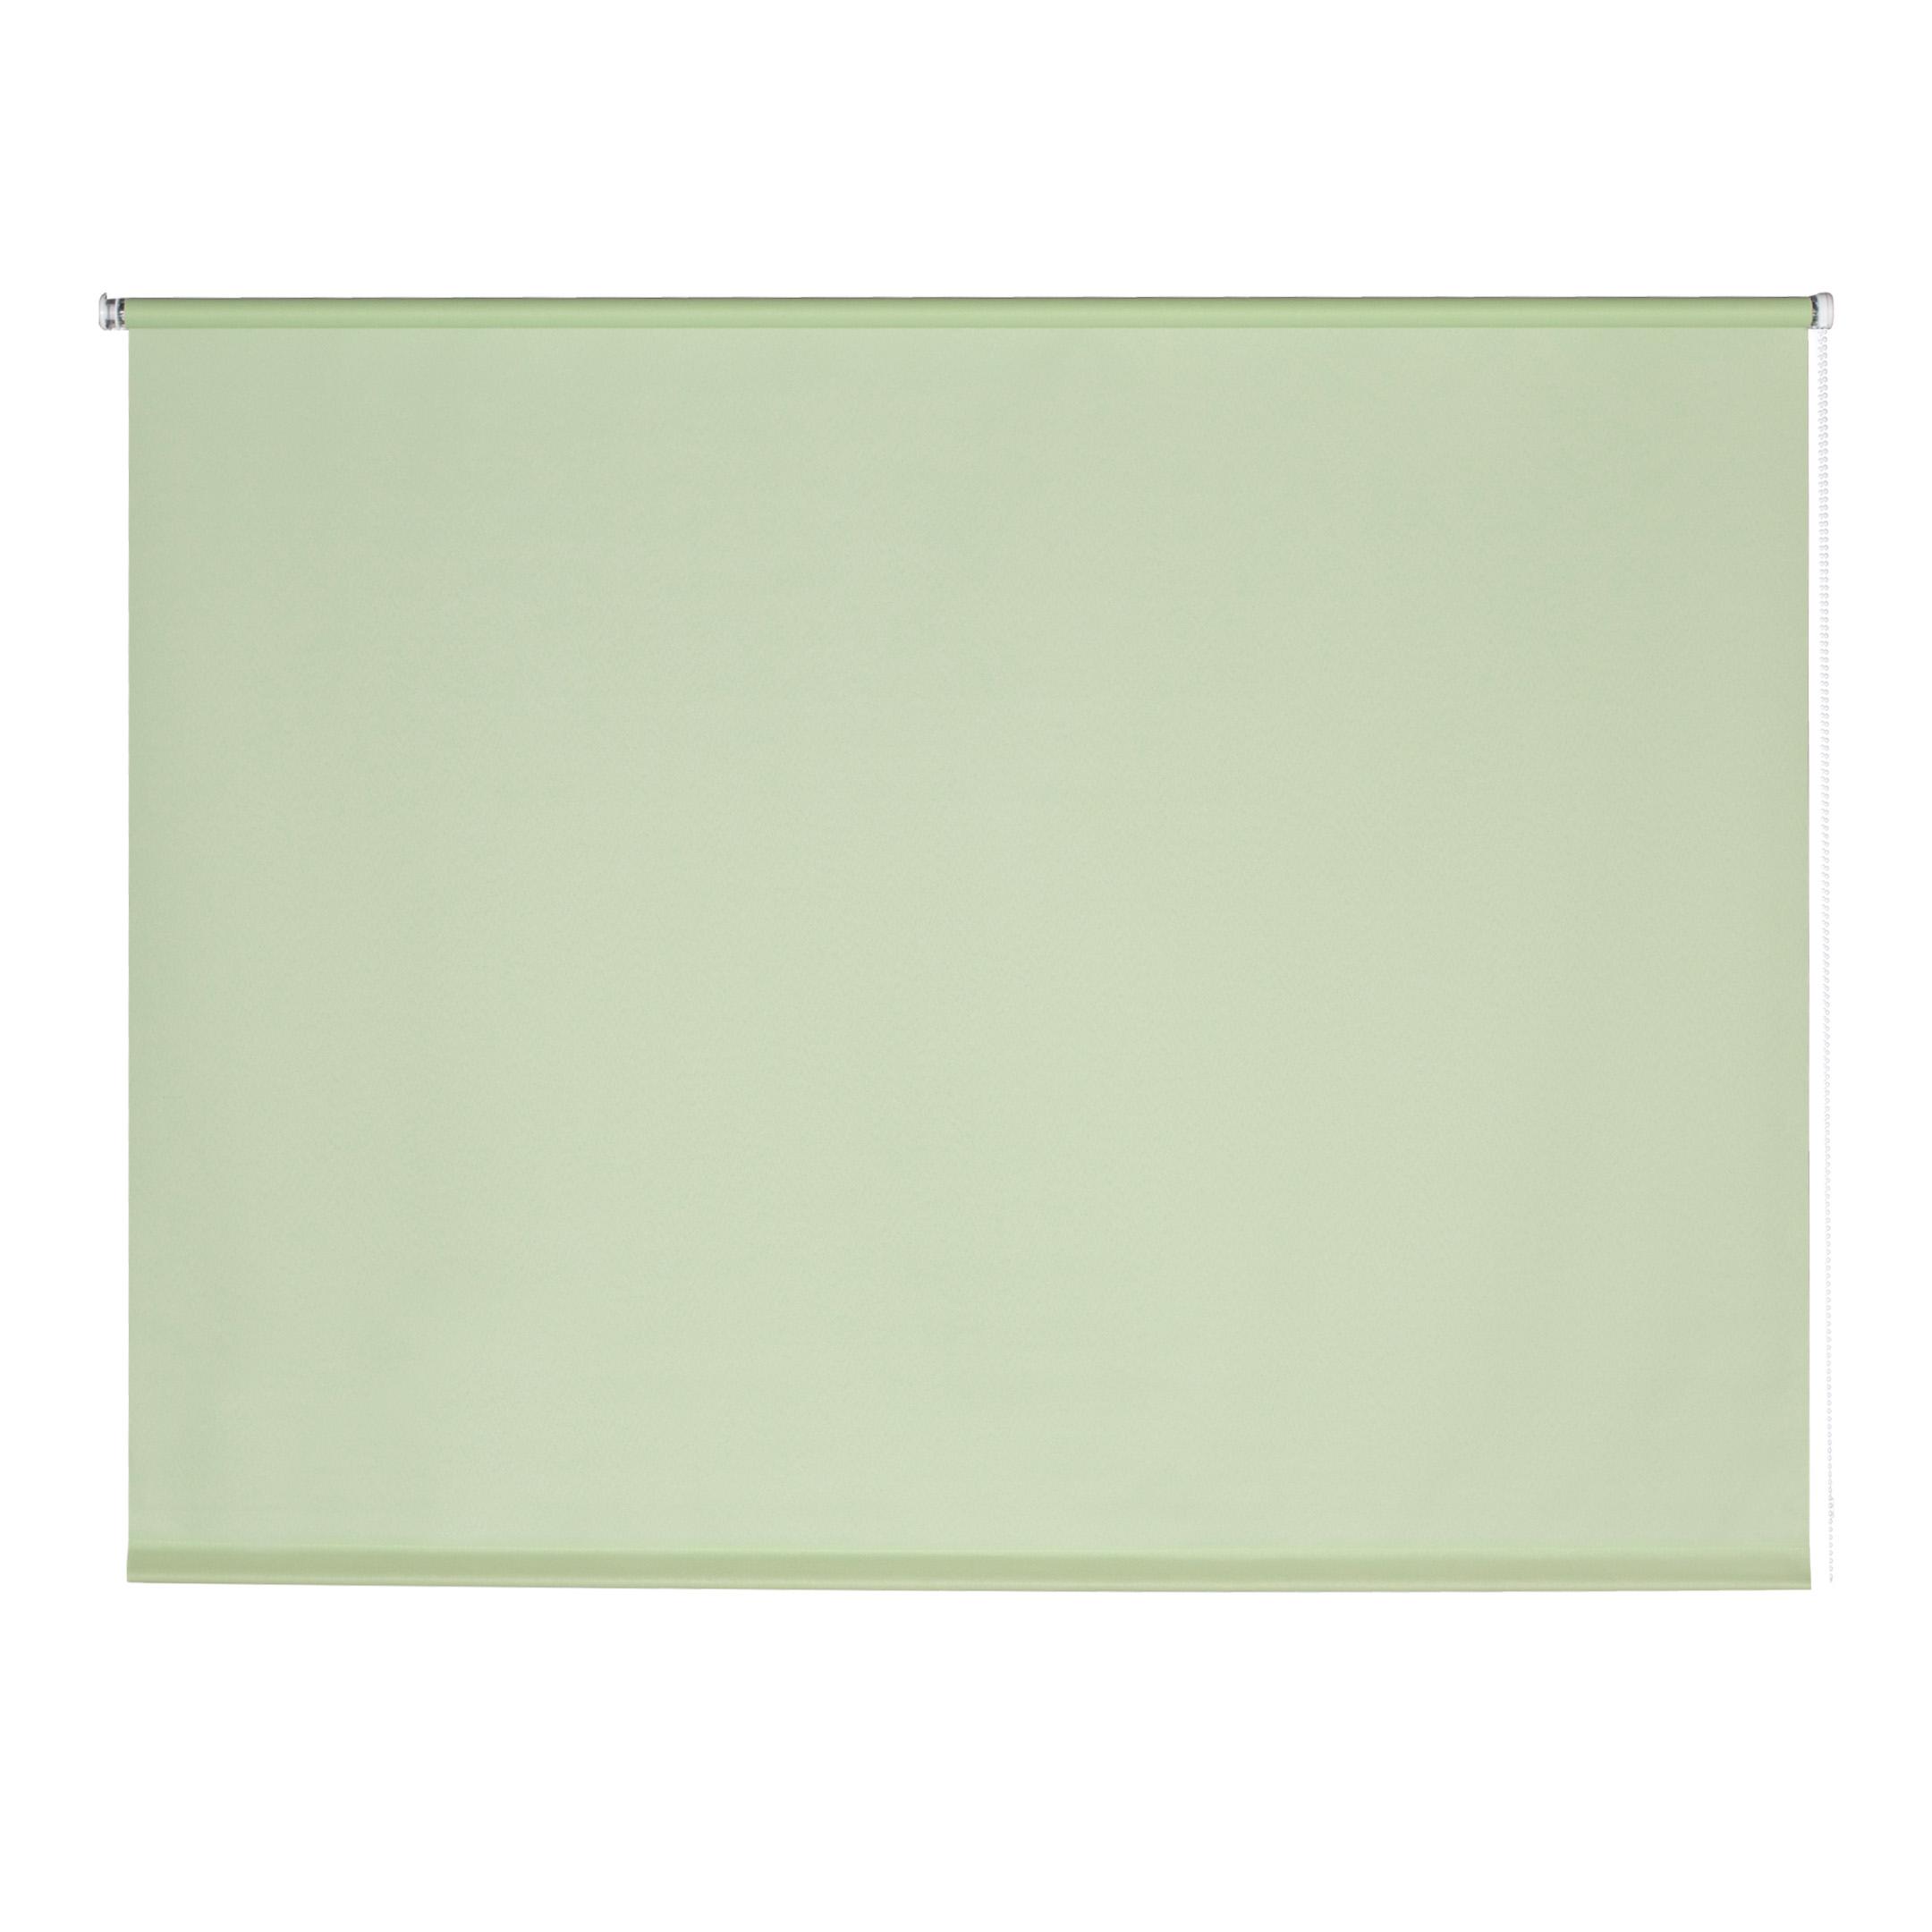 Фото - Штора рулонная Плайн 140х175 см фисташковый штора рулонная плайн 50х175 см фисташковый